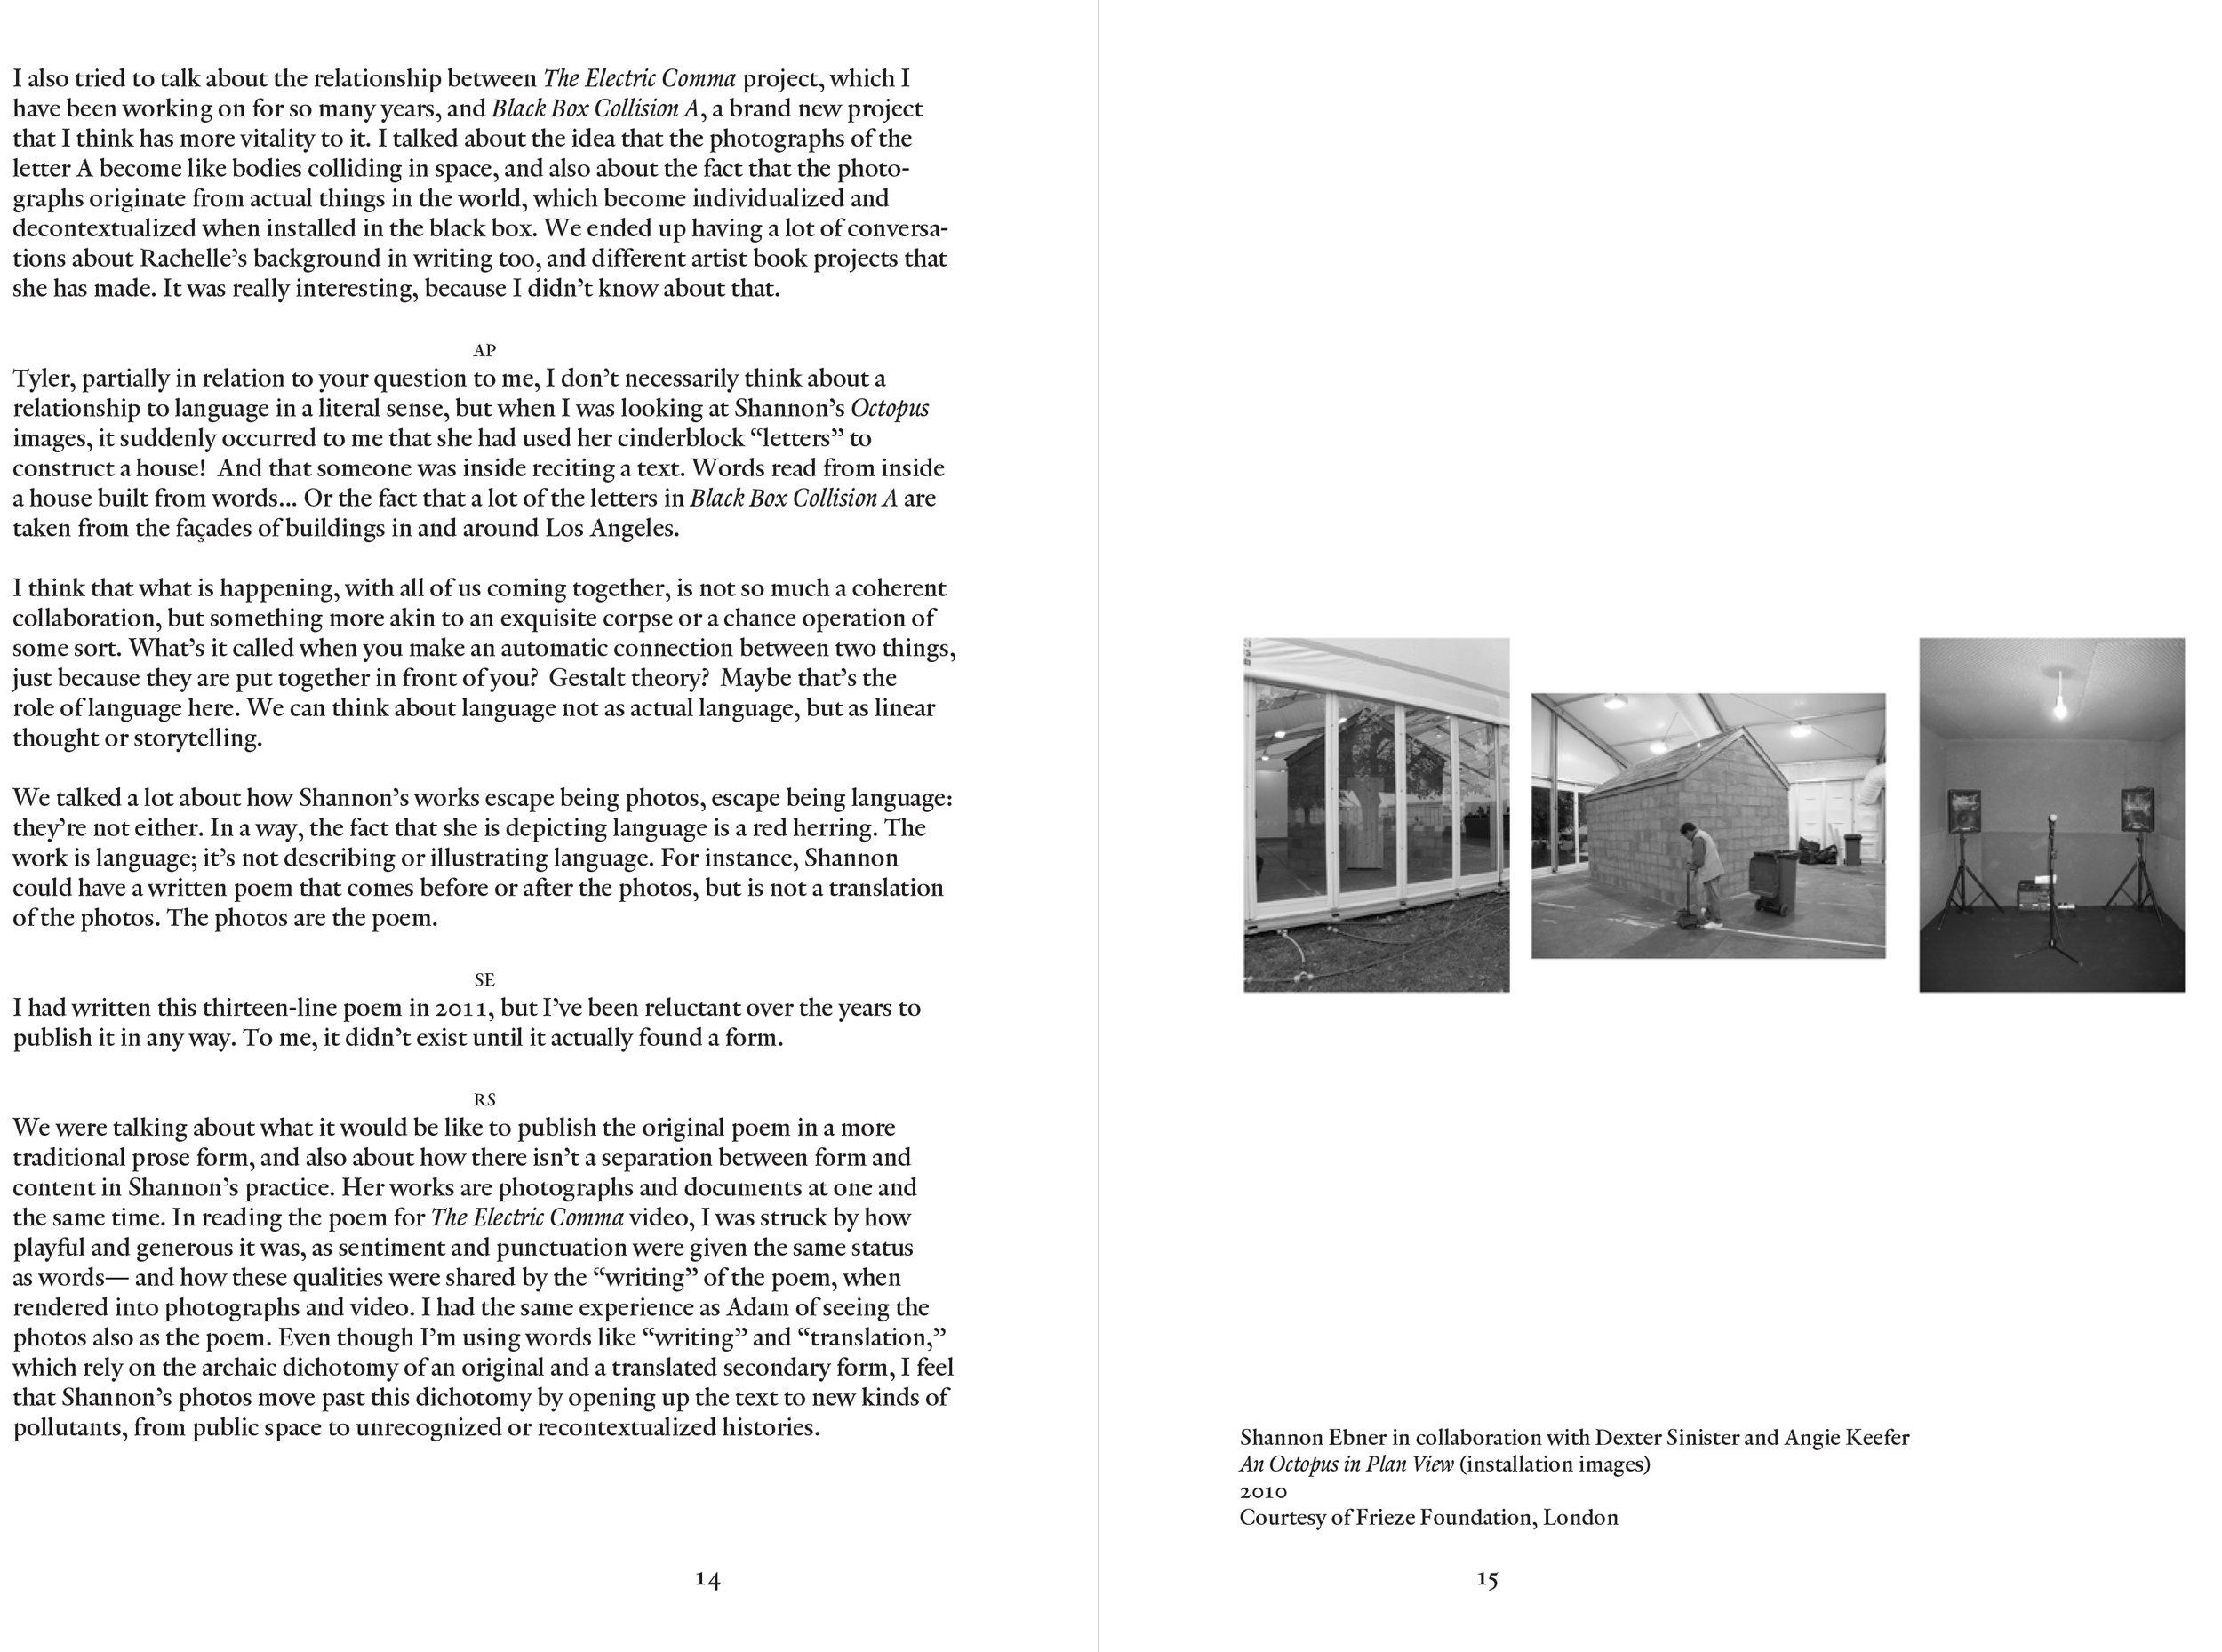 AE_HP_3.pdf-11.jpg